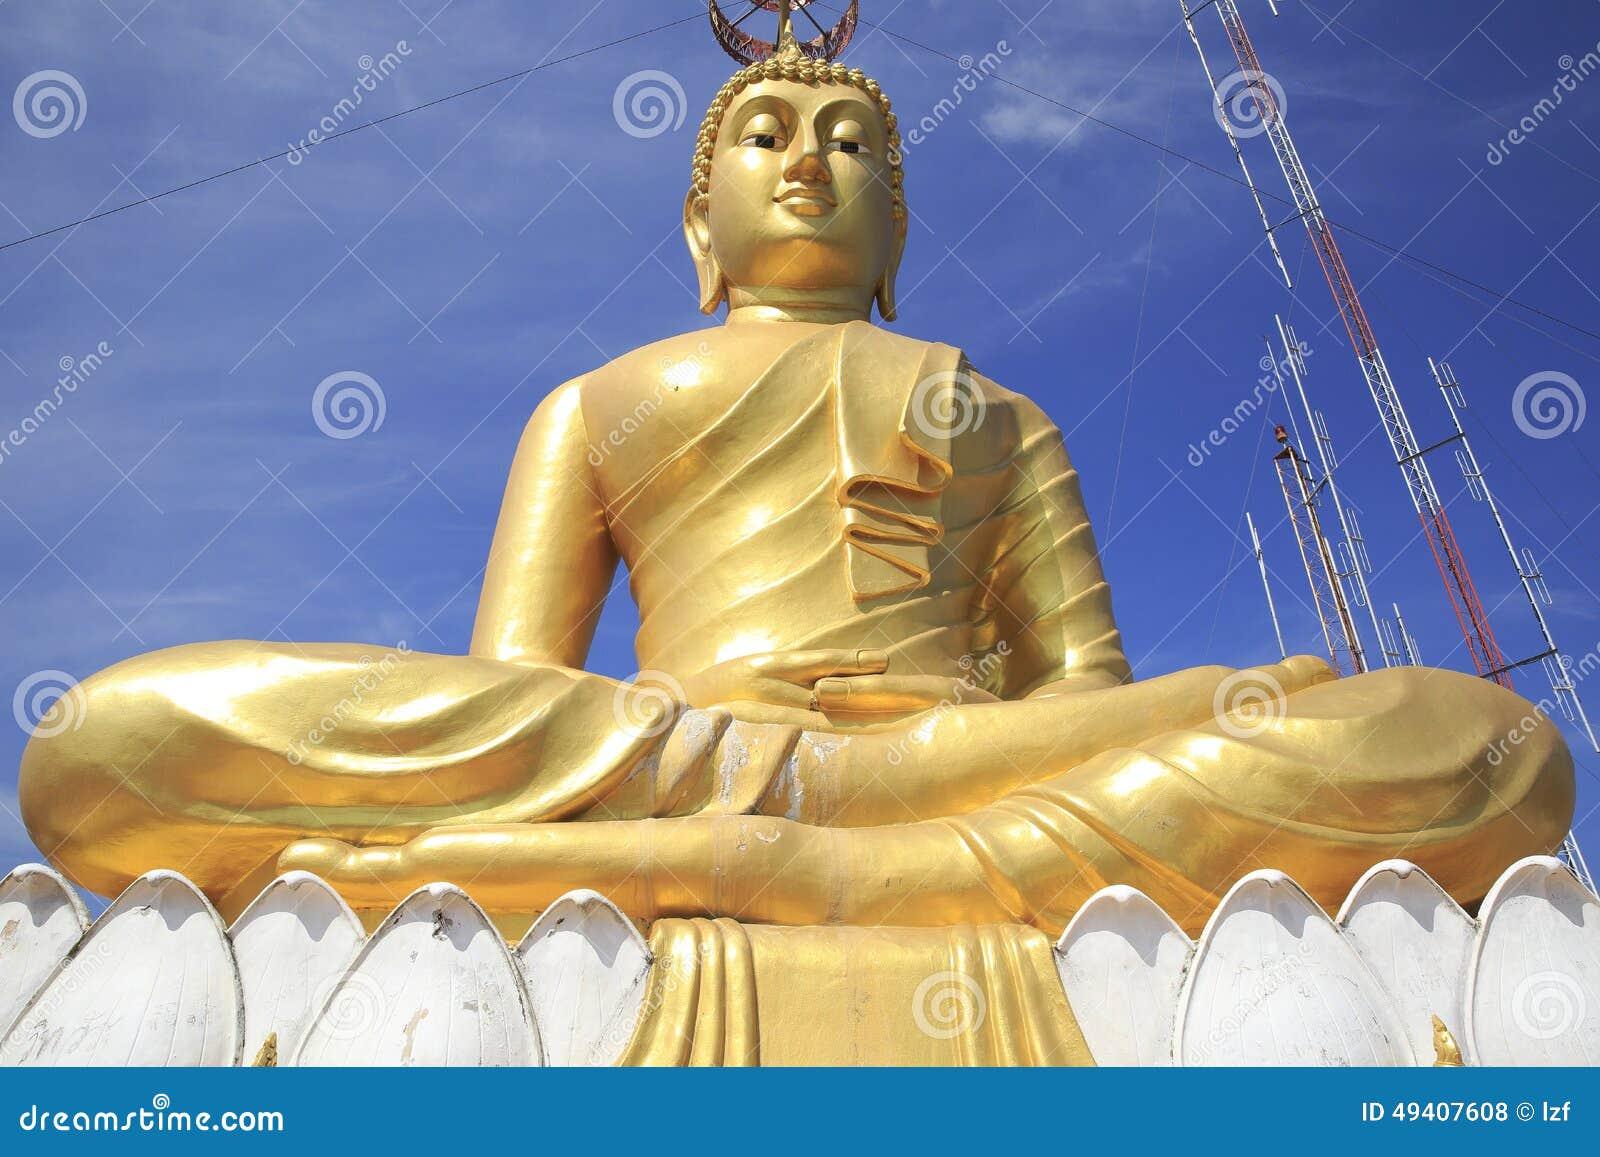 Download Goldener Buddha stockfoto. Bild von abschluß, lotos, abbildung - 49407608